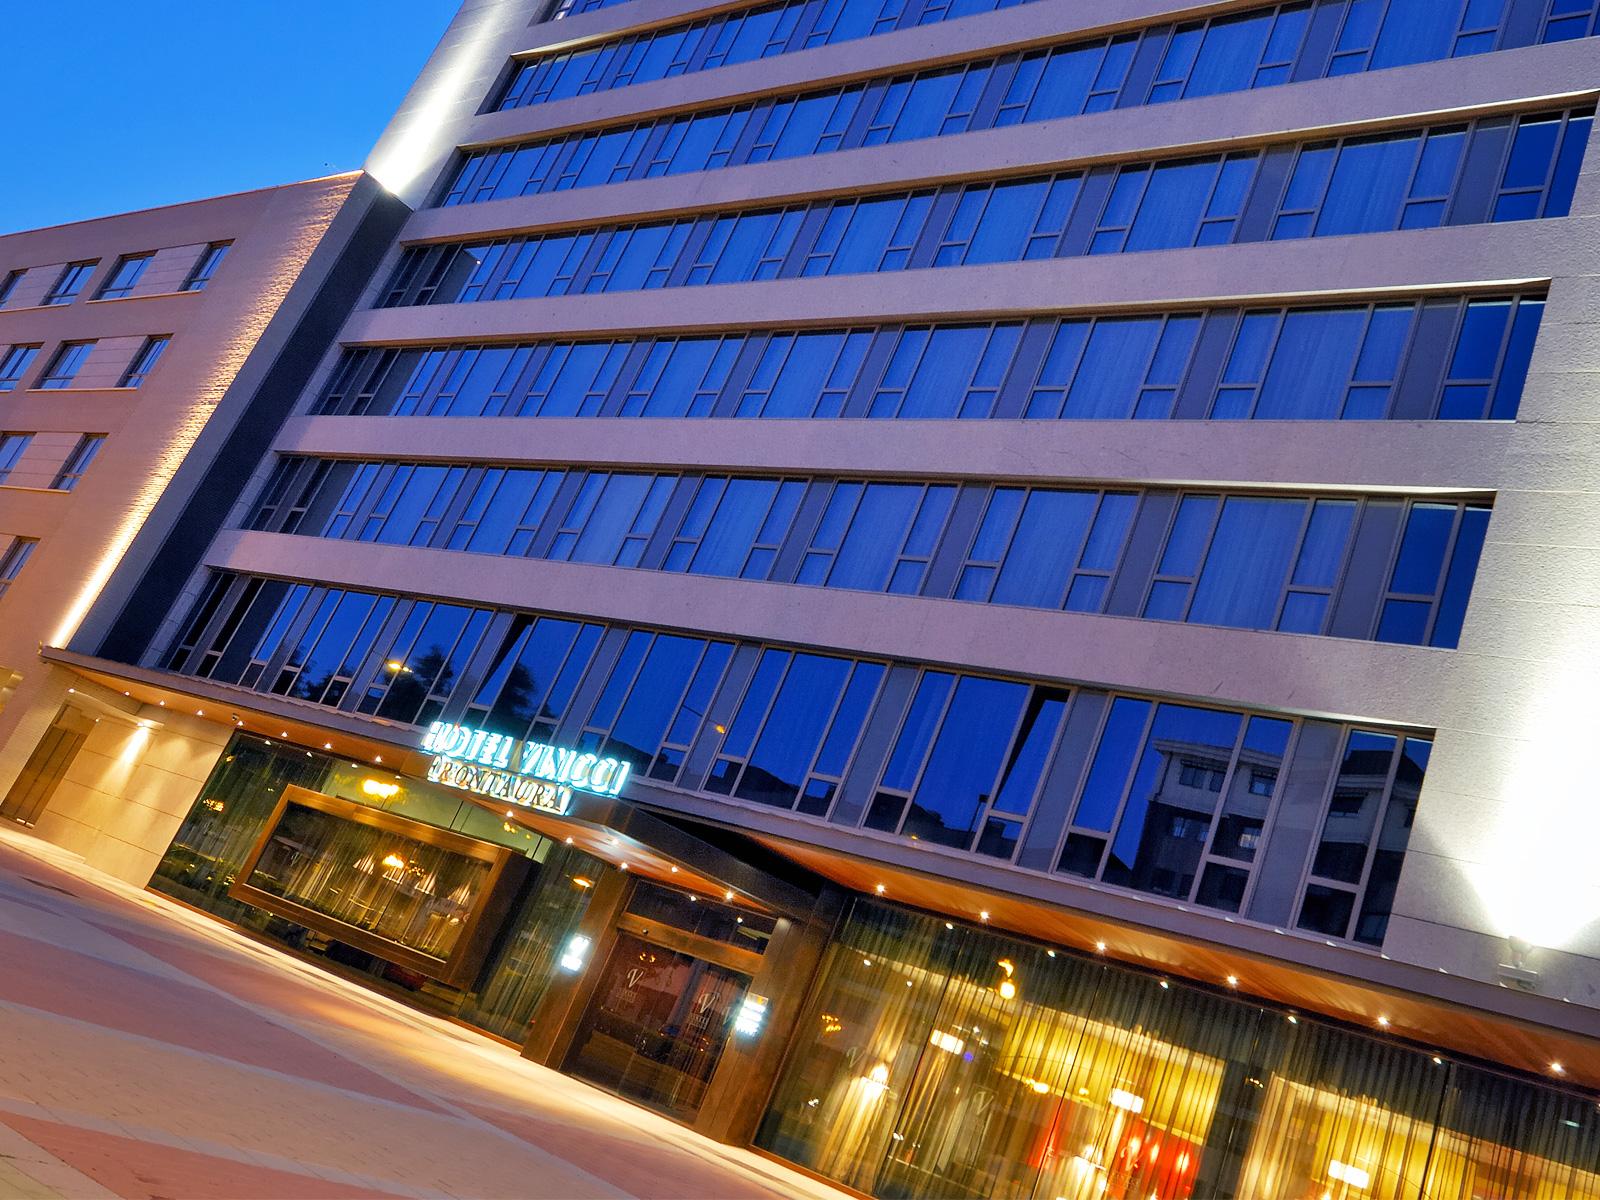 Facade-Hotel Valladolid Frontaura - Vincci Hoteles